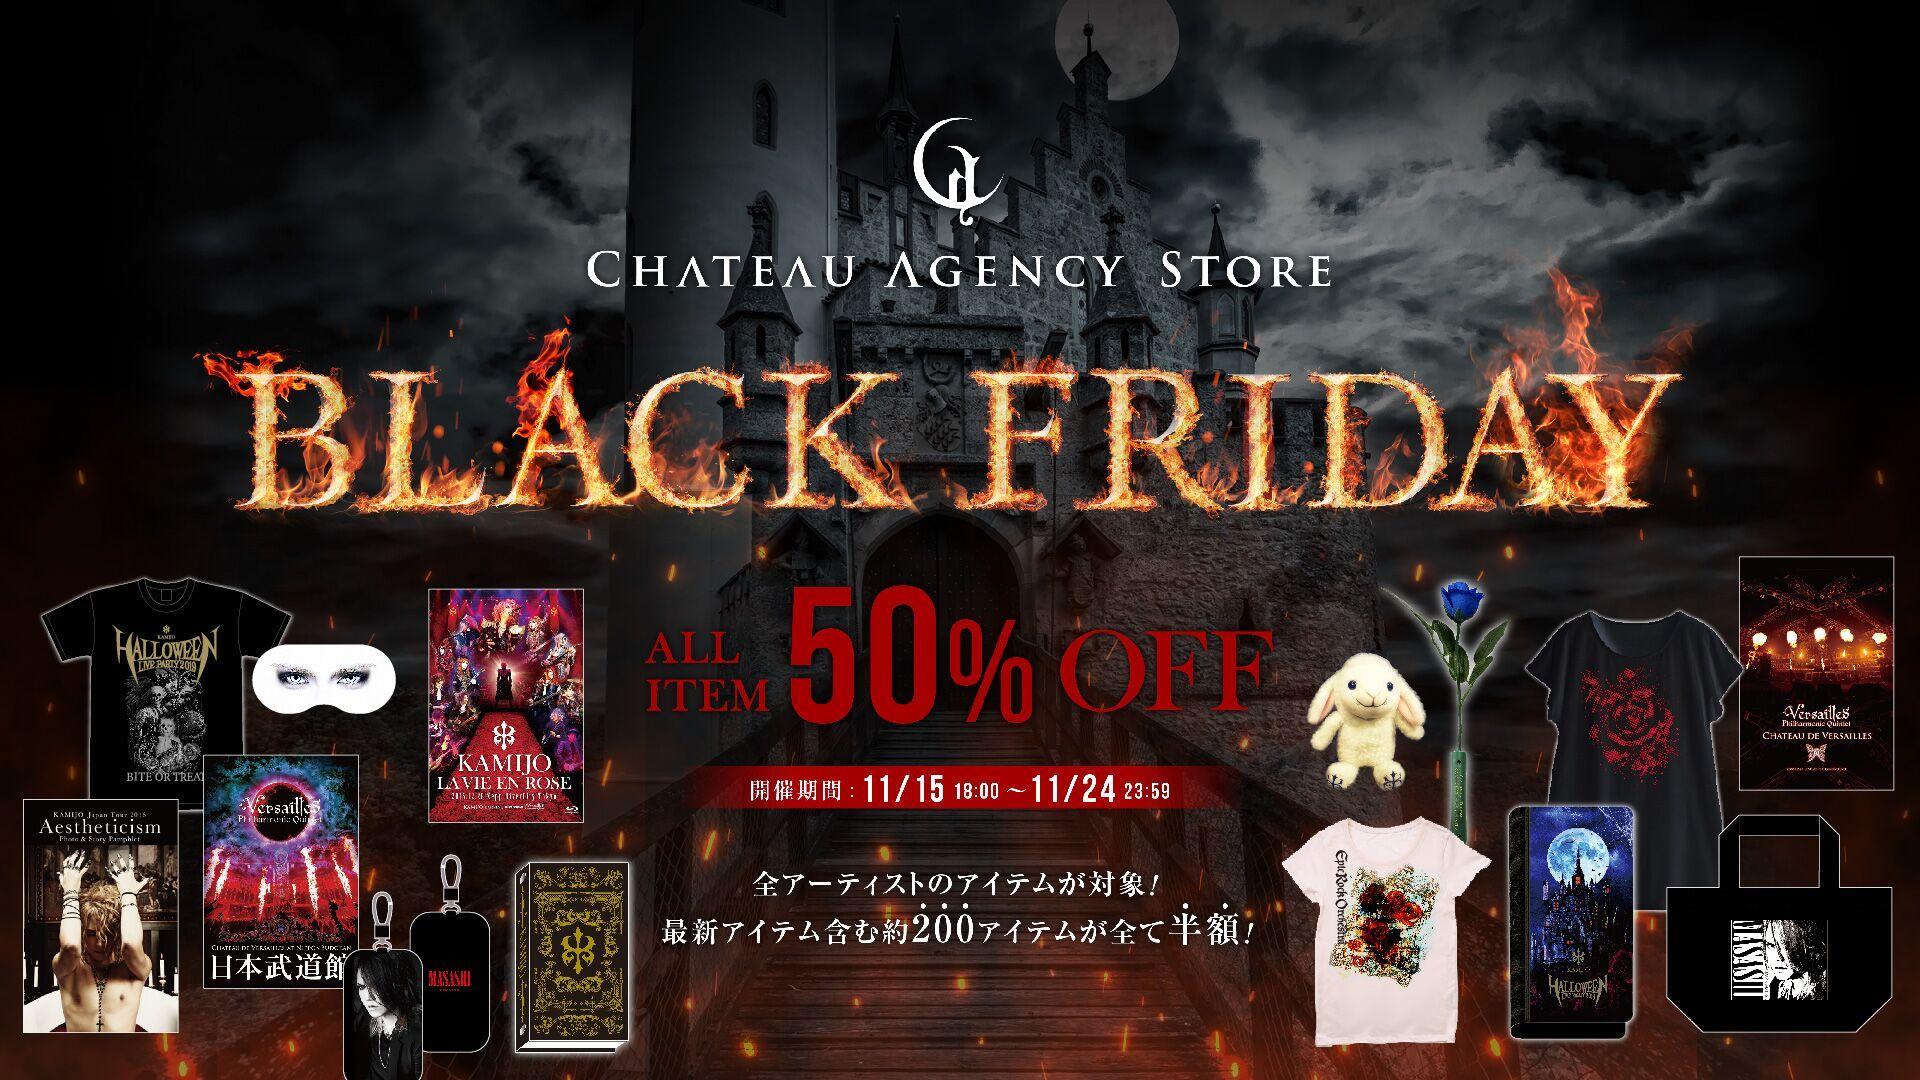 Chateau Agency Shop Black Friday